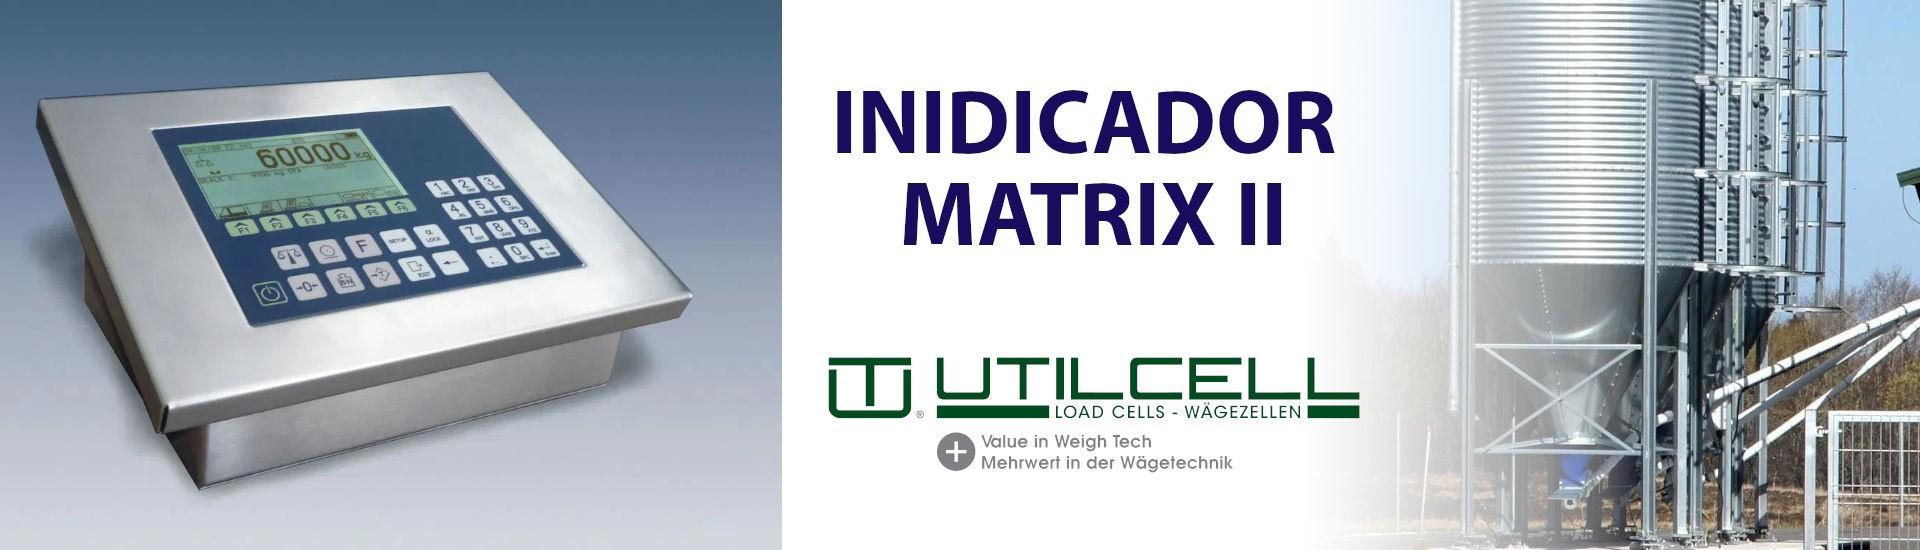 Indicador Matrix II Utilcell